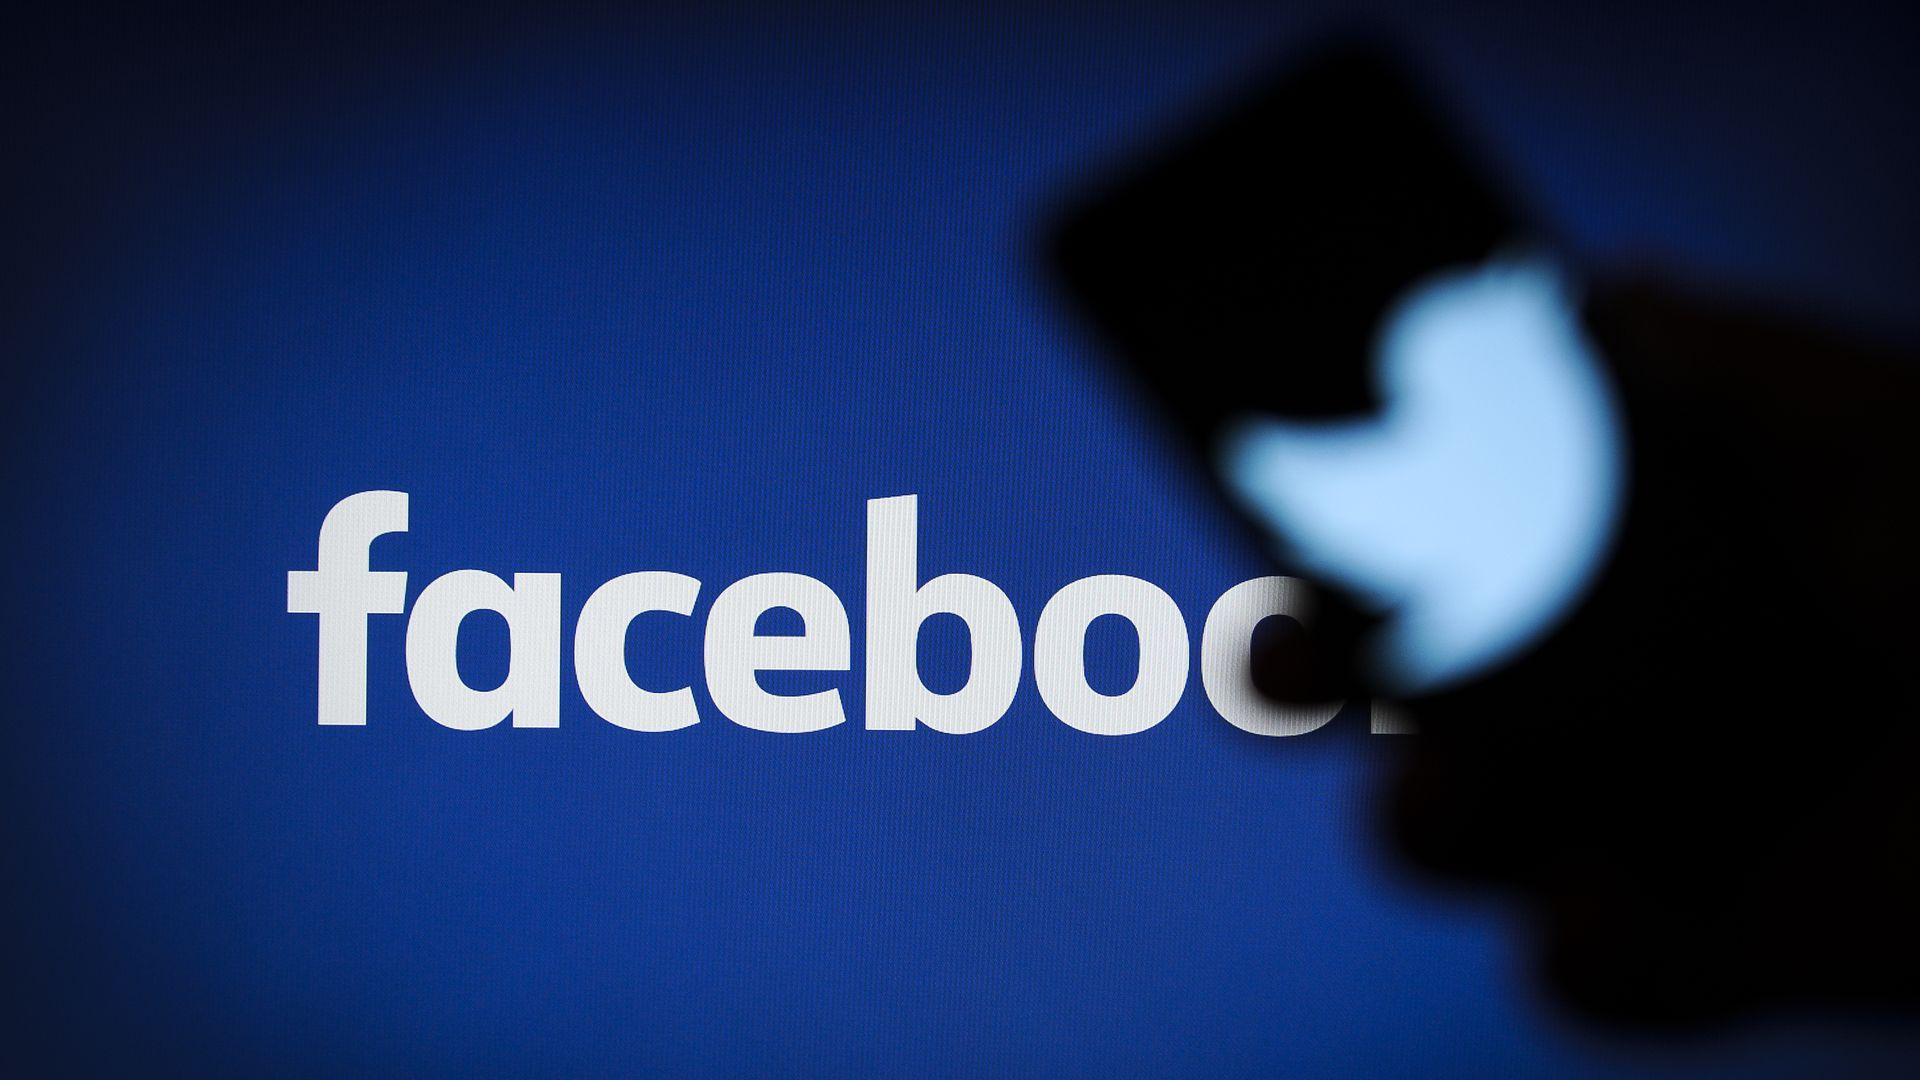 عودة مشاركات تويتر على الفيس بوك بعد فترة إختفاء غامضة